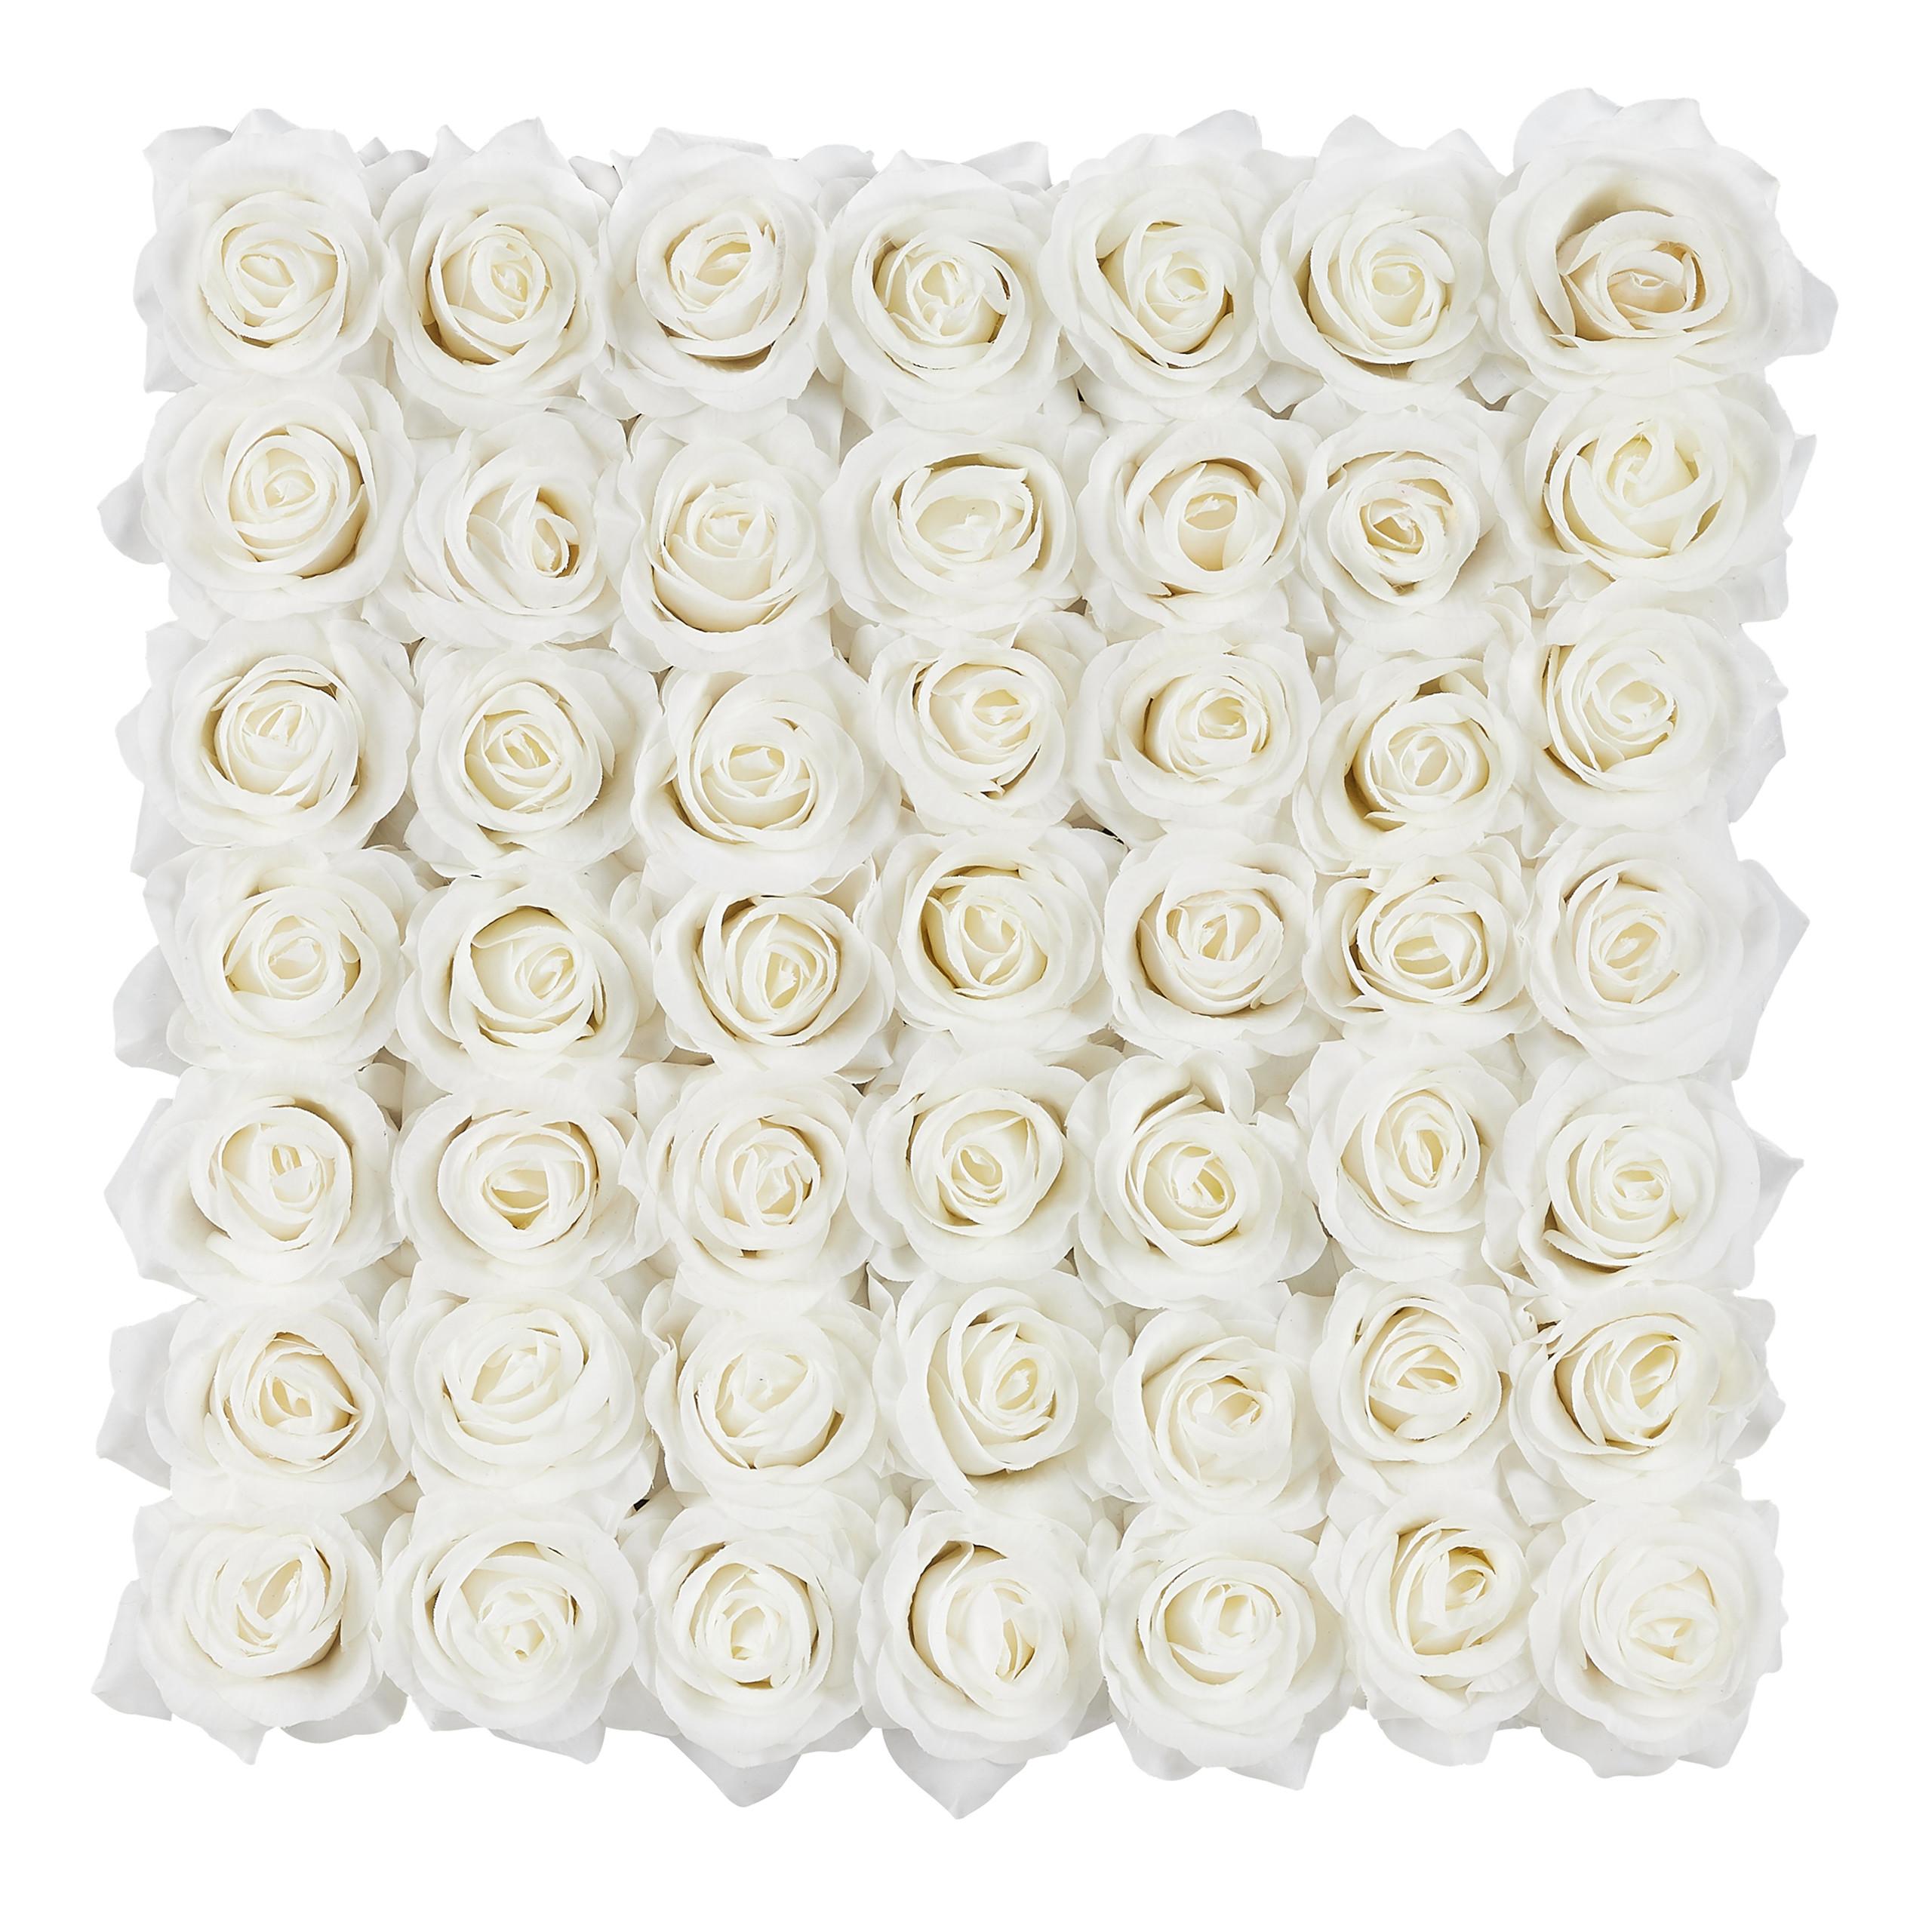 Rosenbox-Flowerbox-49-Kunstblumen-Valentinstag-Blumenbox-Deko-Ewige-Rosen-eckig Indexbild 19